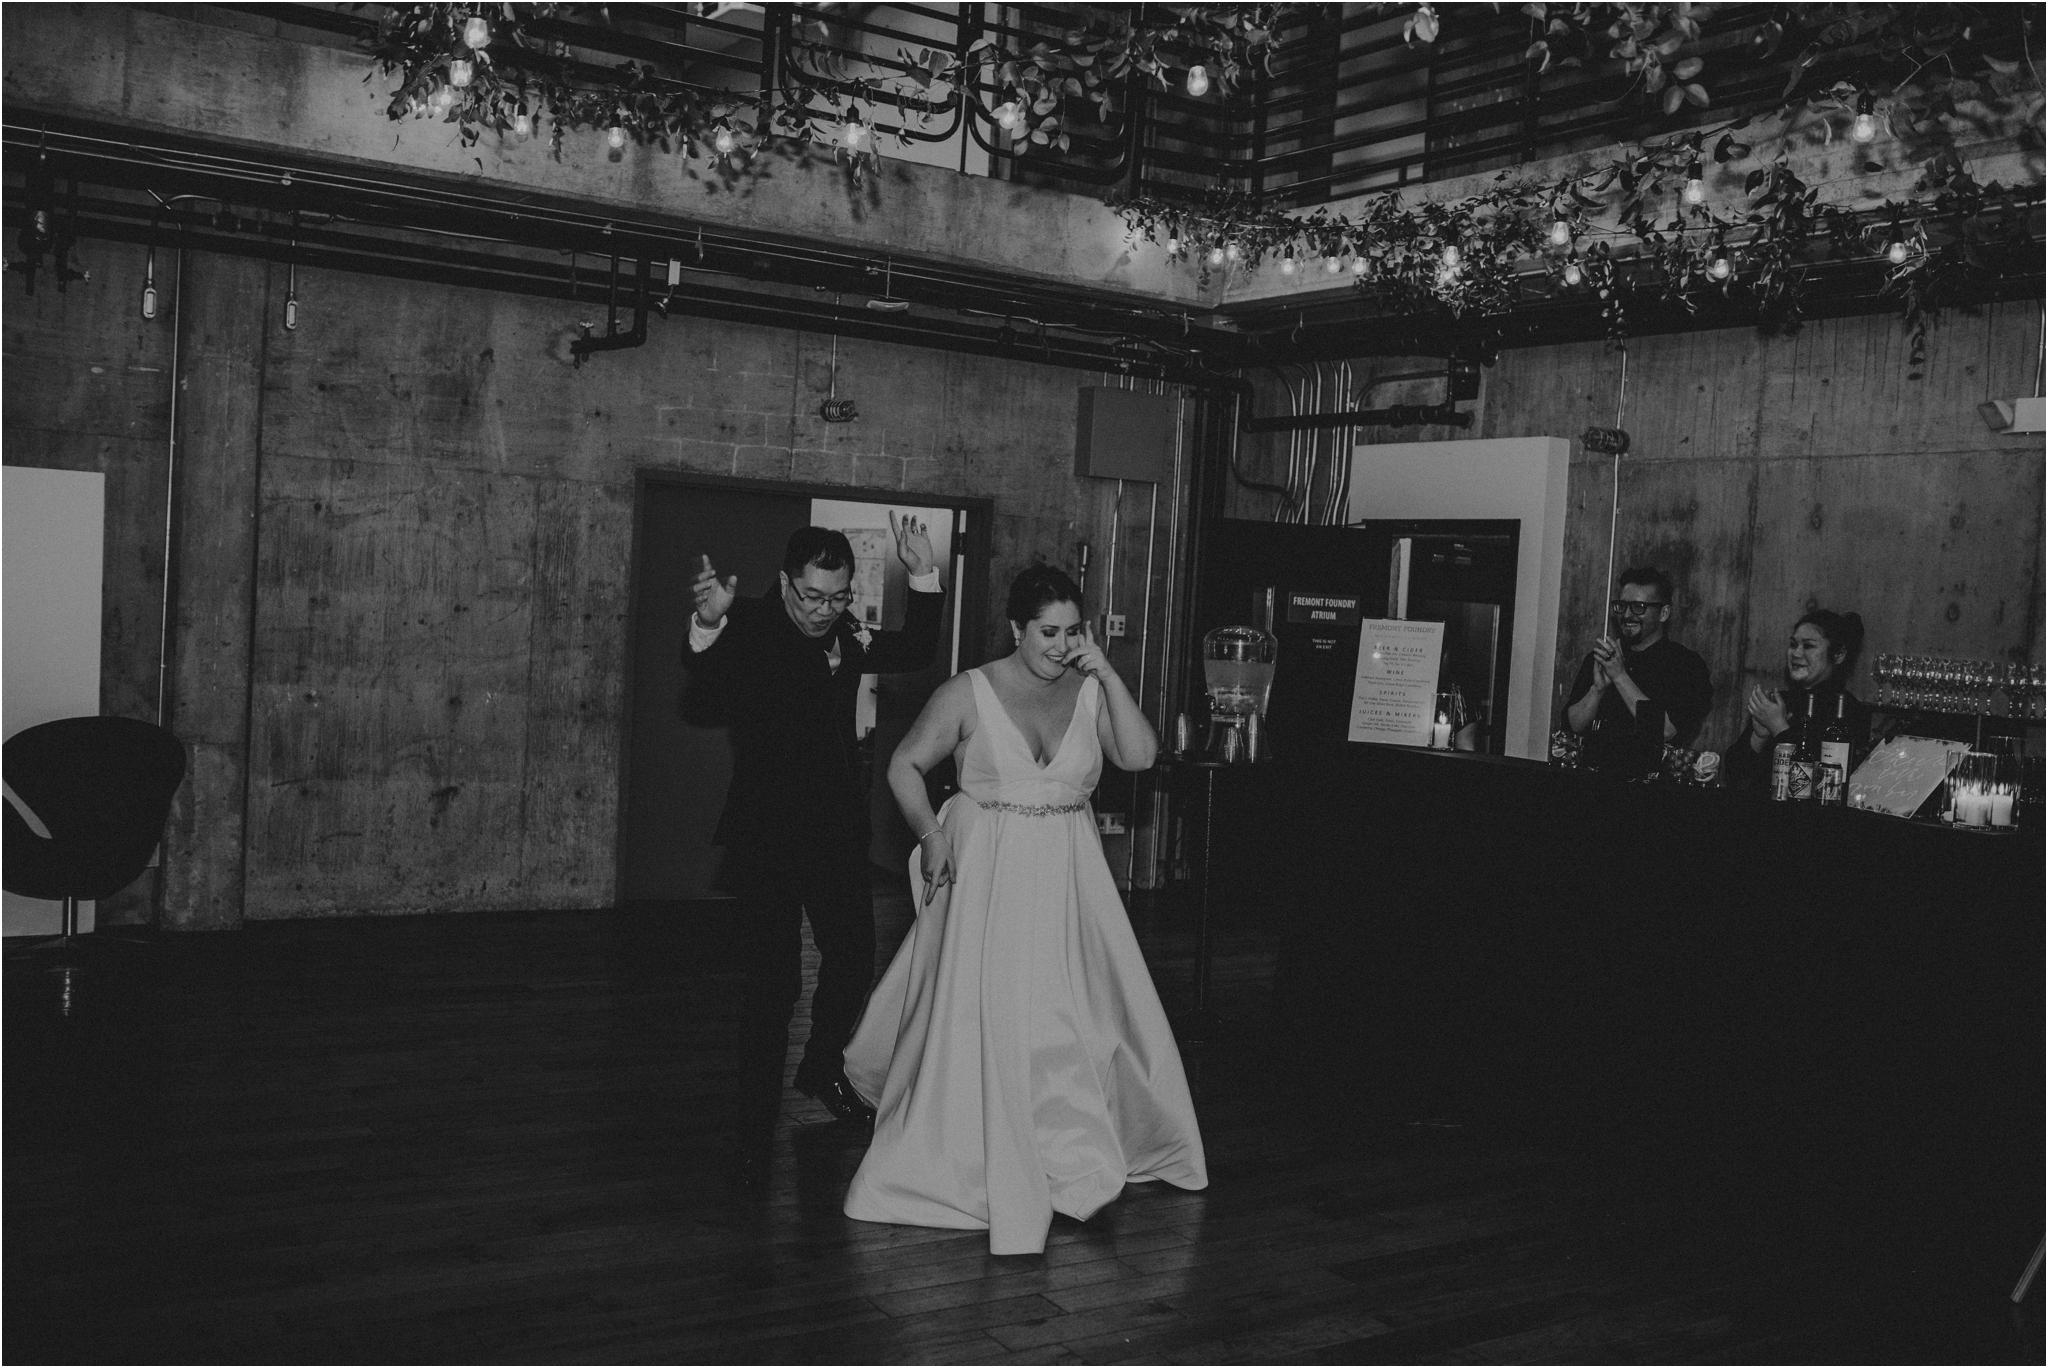 ashley-and-david-fremont-foundry-seattle-washington-wedding-photographer-114.jpg